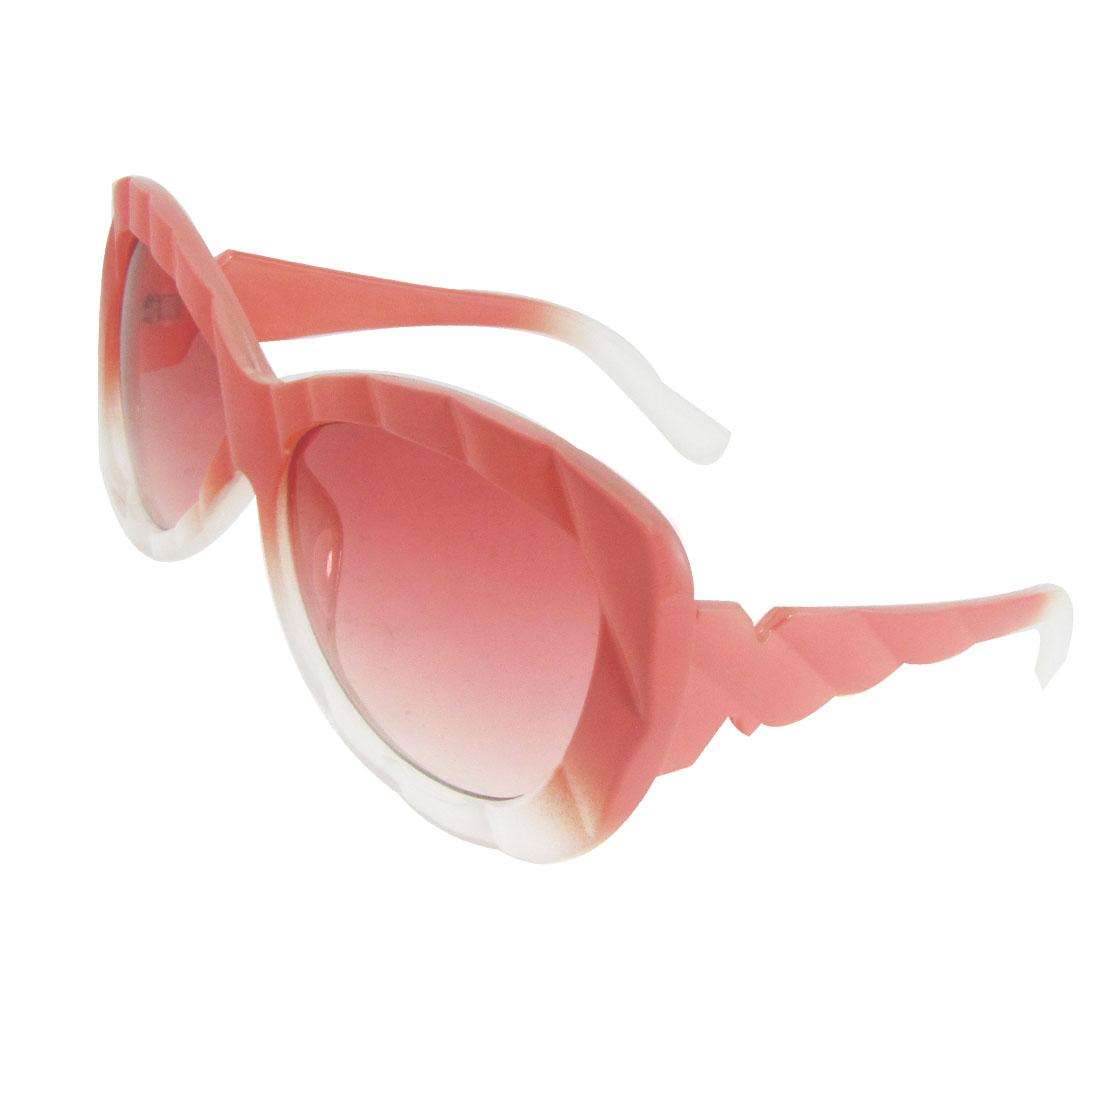 Light Red Plastic Full Frame Oversized Lens Sunglasses Eyeglasses for Woman